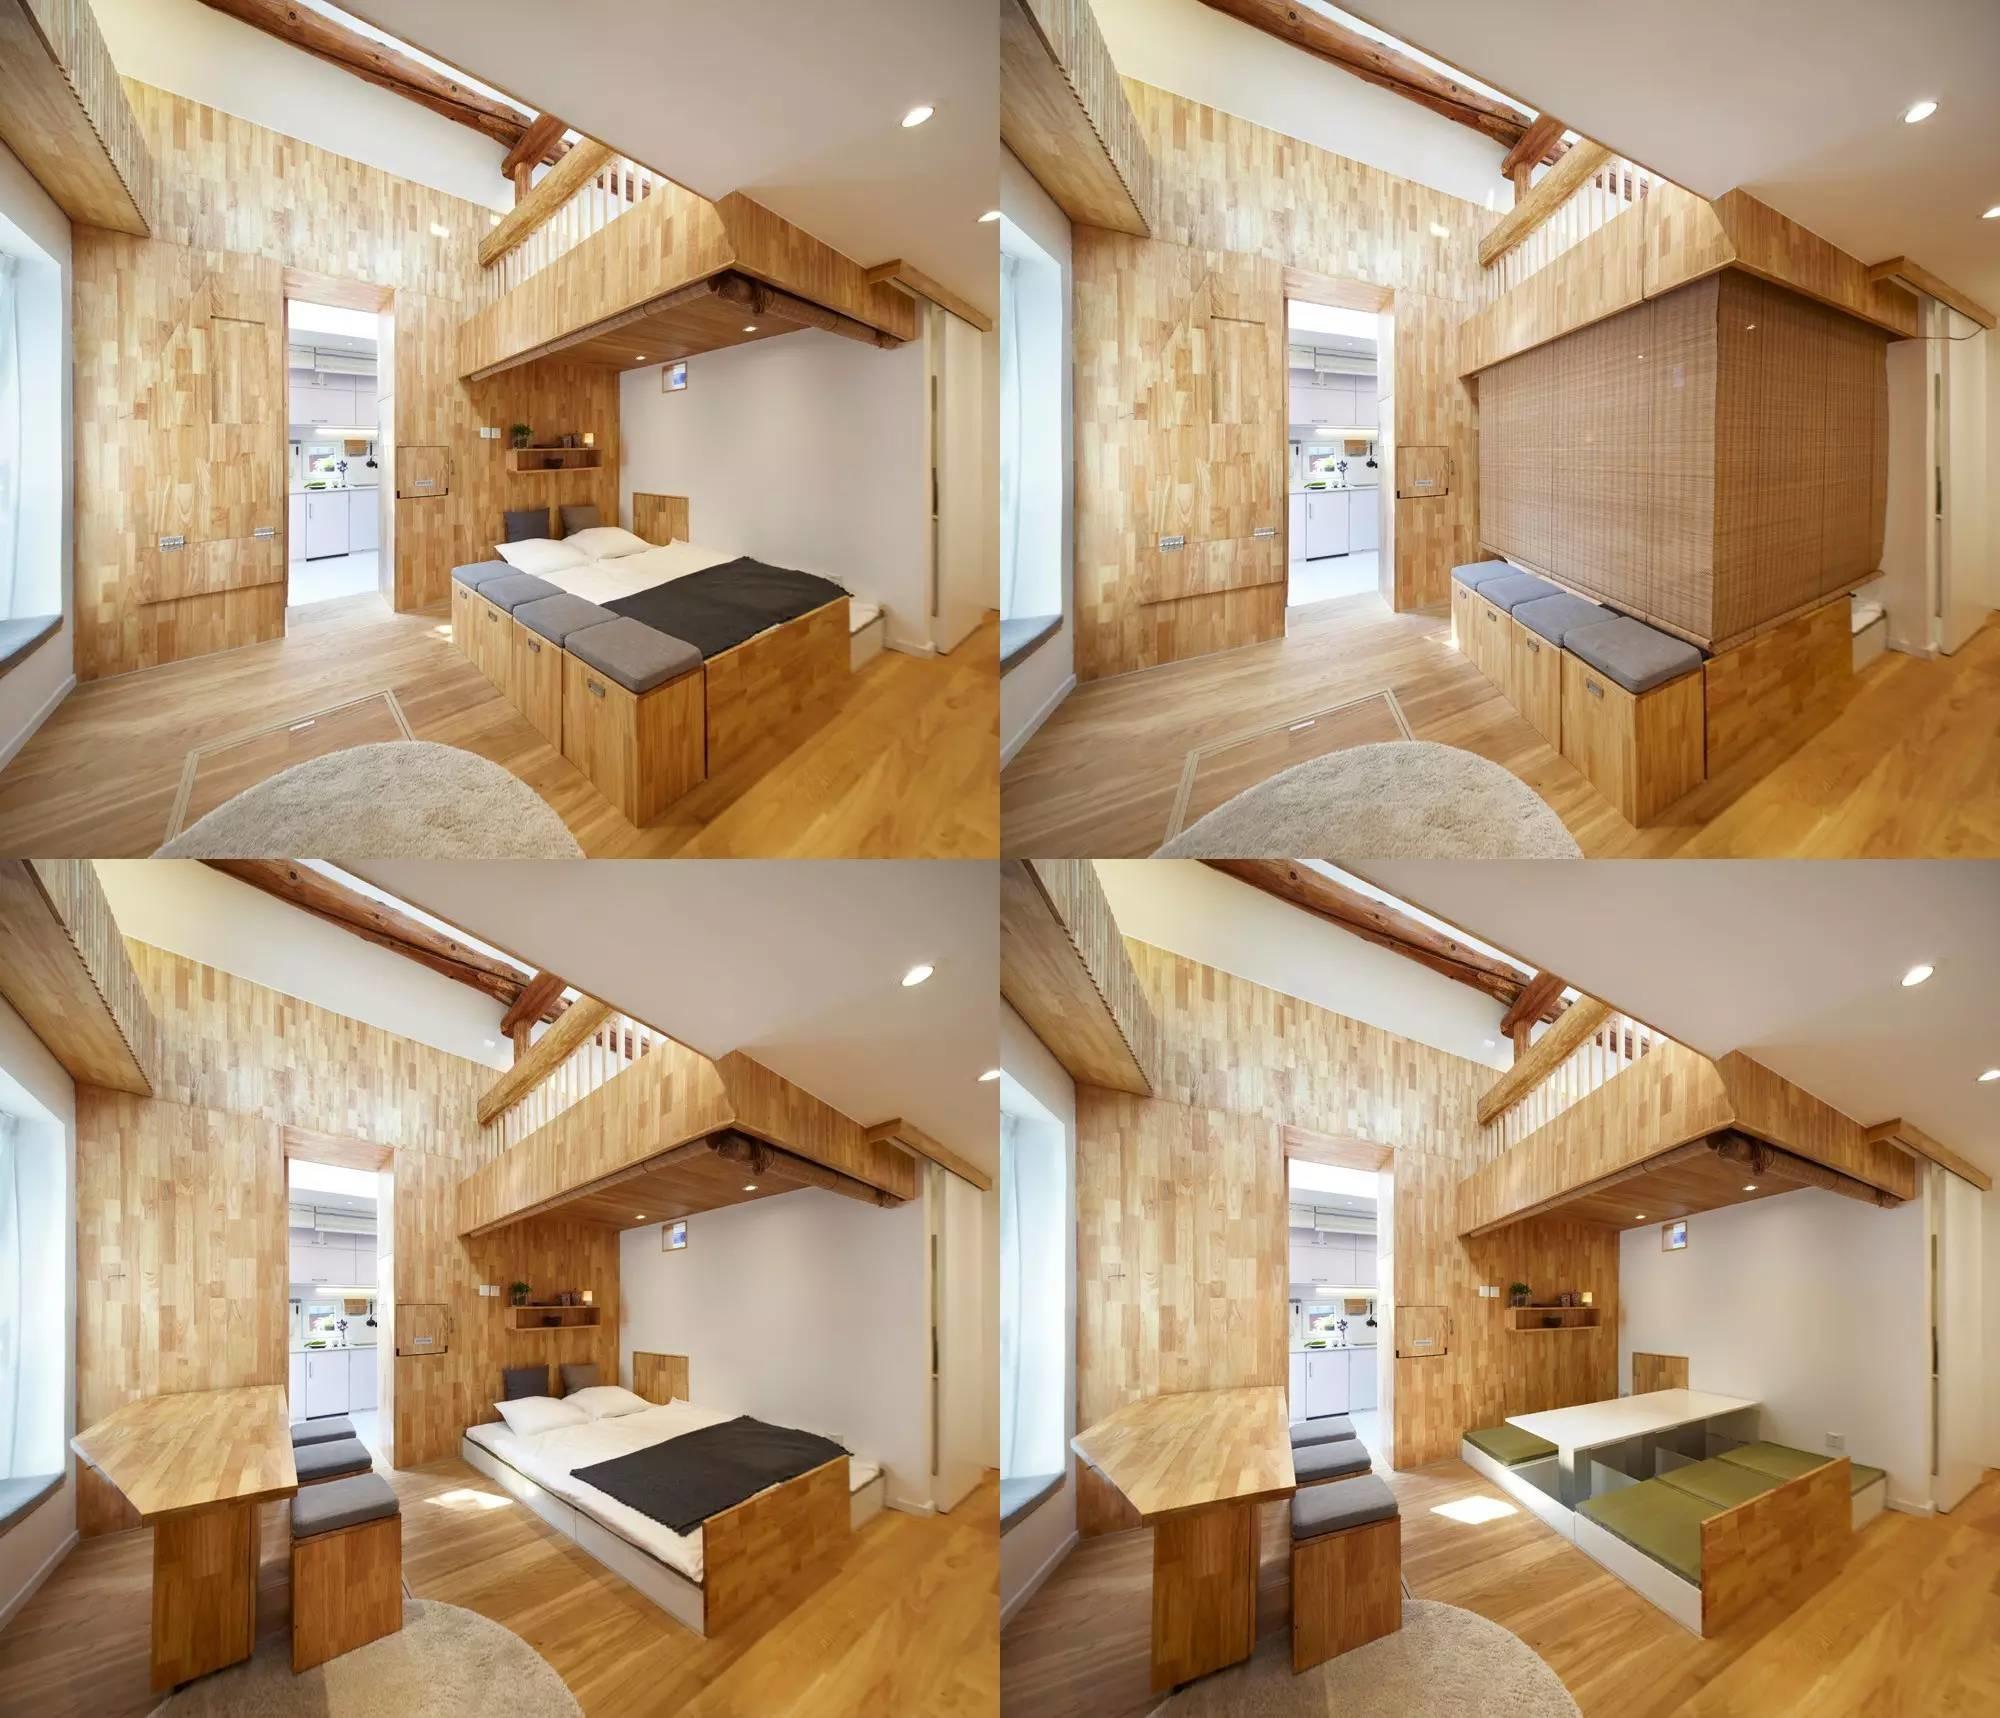 日本建筑设计师,他凭什么成为男神  但是对于青山周平被大家叫做男神